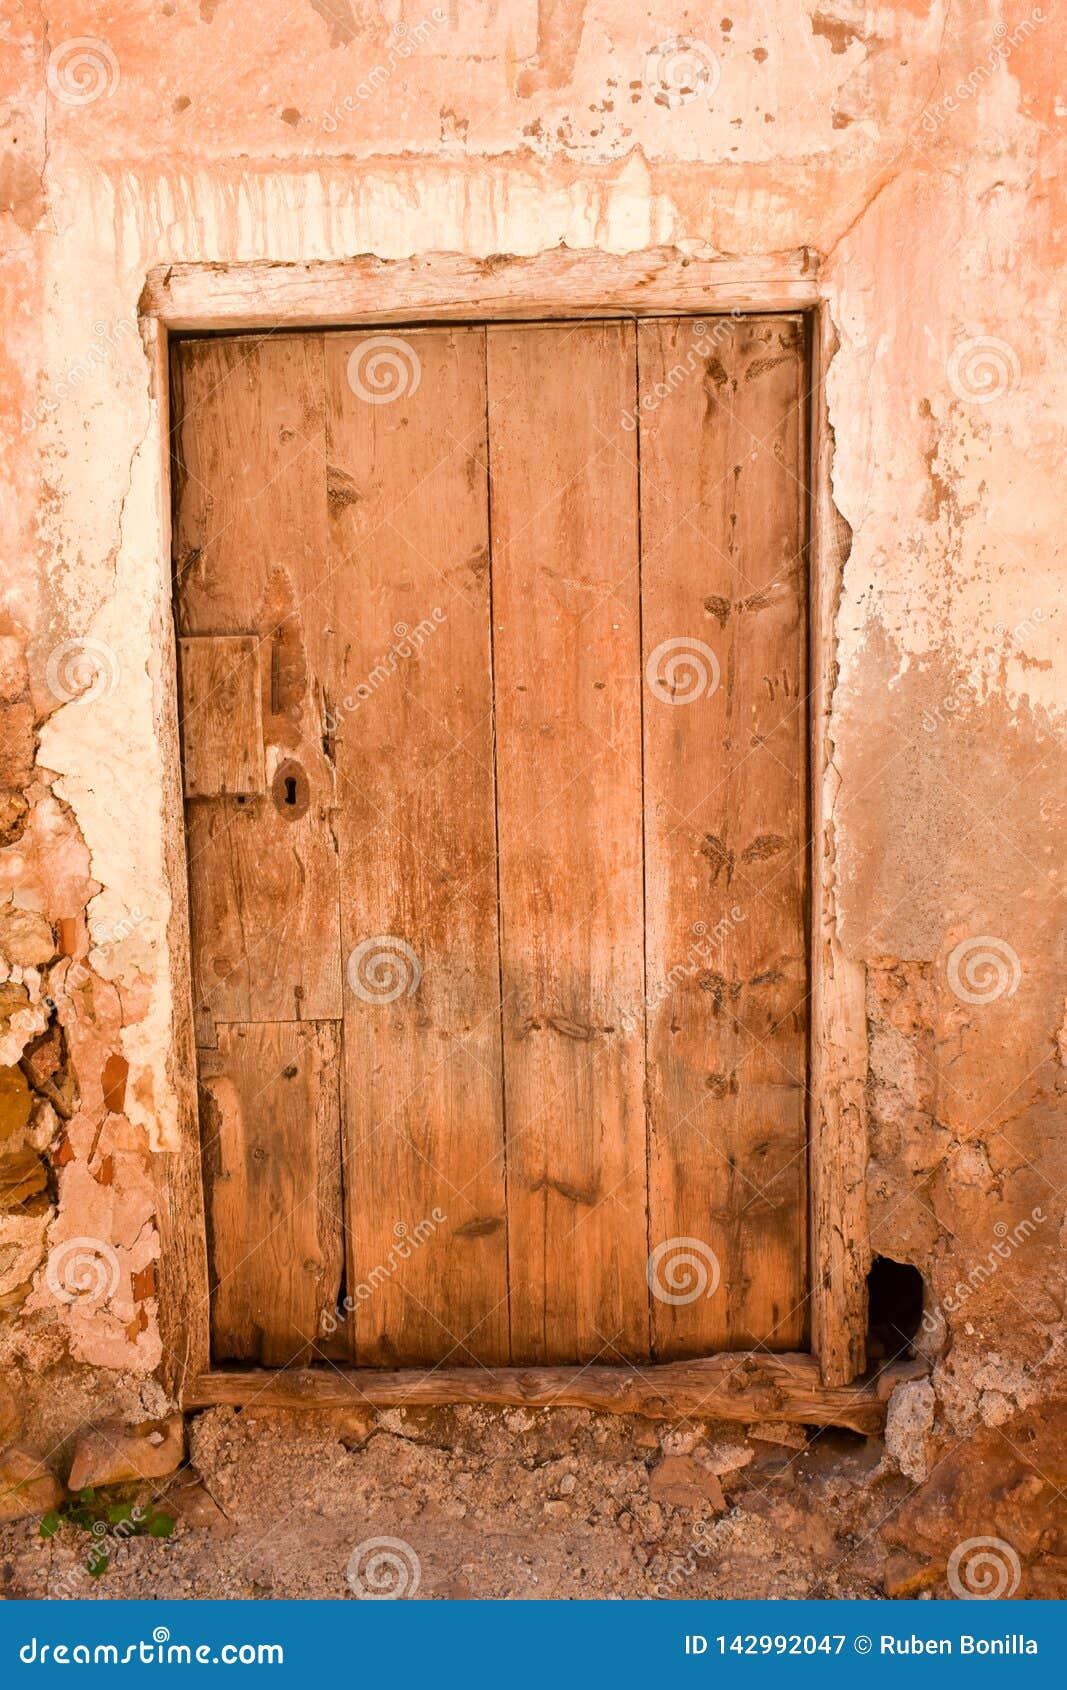 Nära upp av en gammal trästängd dörr i en vägg av betong, gyttja och stenen i ett stängt övergett hus var inget bor